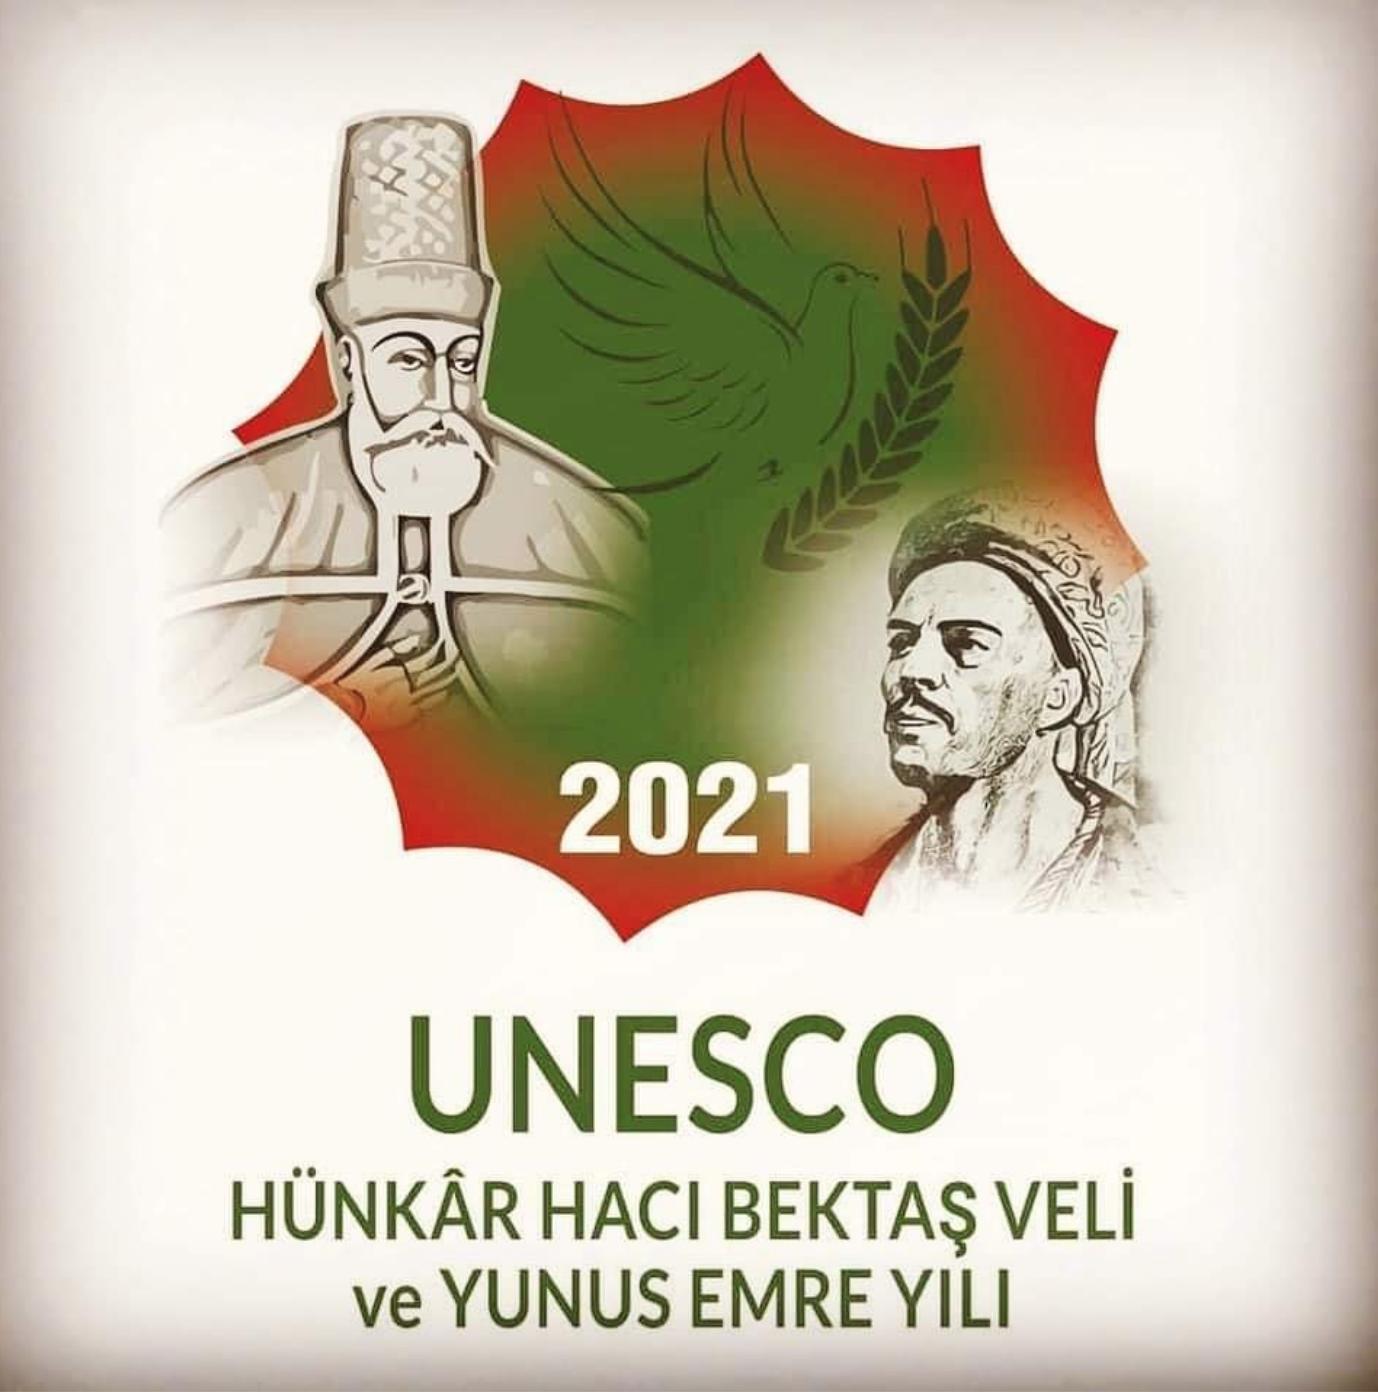 Hünkar bektaş Veli Yunus emre Alevi bektaşi kızılbaş Cem semah bilim sevgi Devrimci Aleviler Birliği Unesco Rıza Aygül